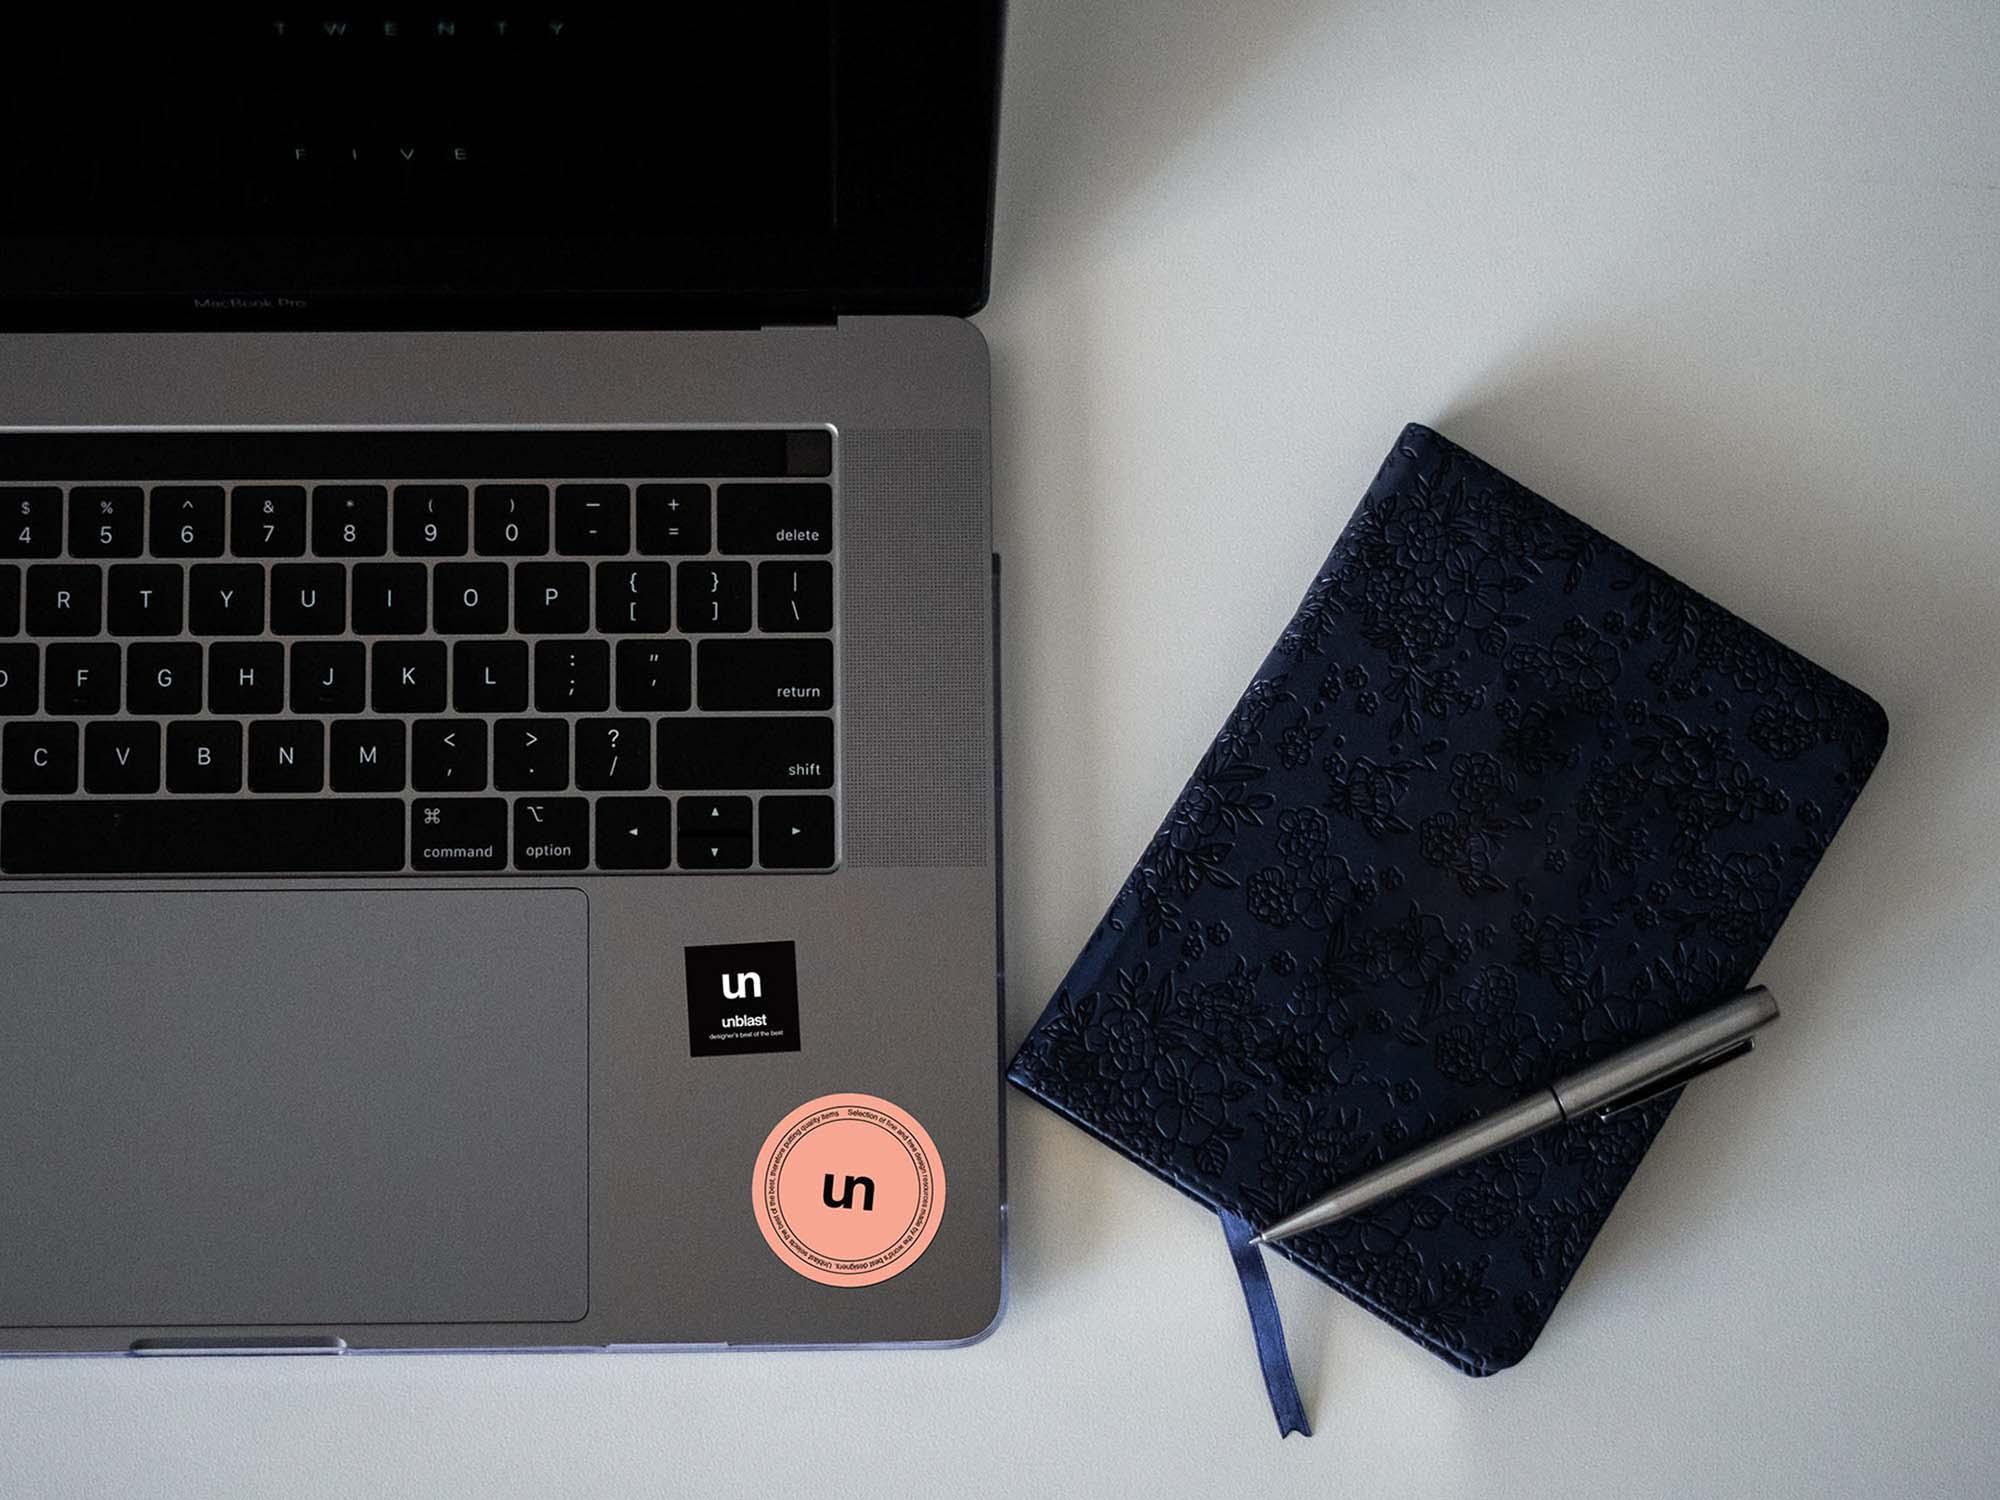 Sticker on Laptop Mockup